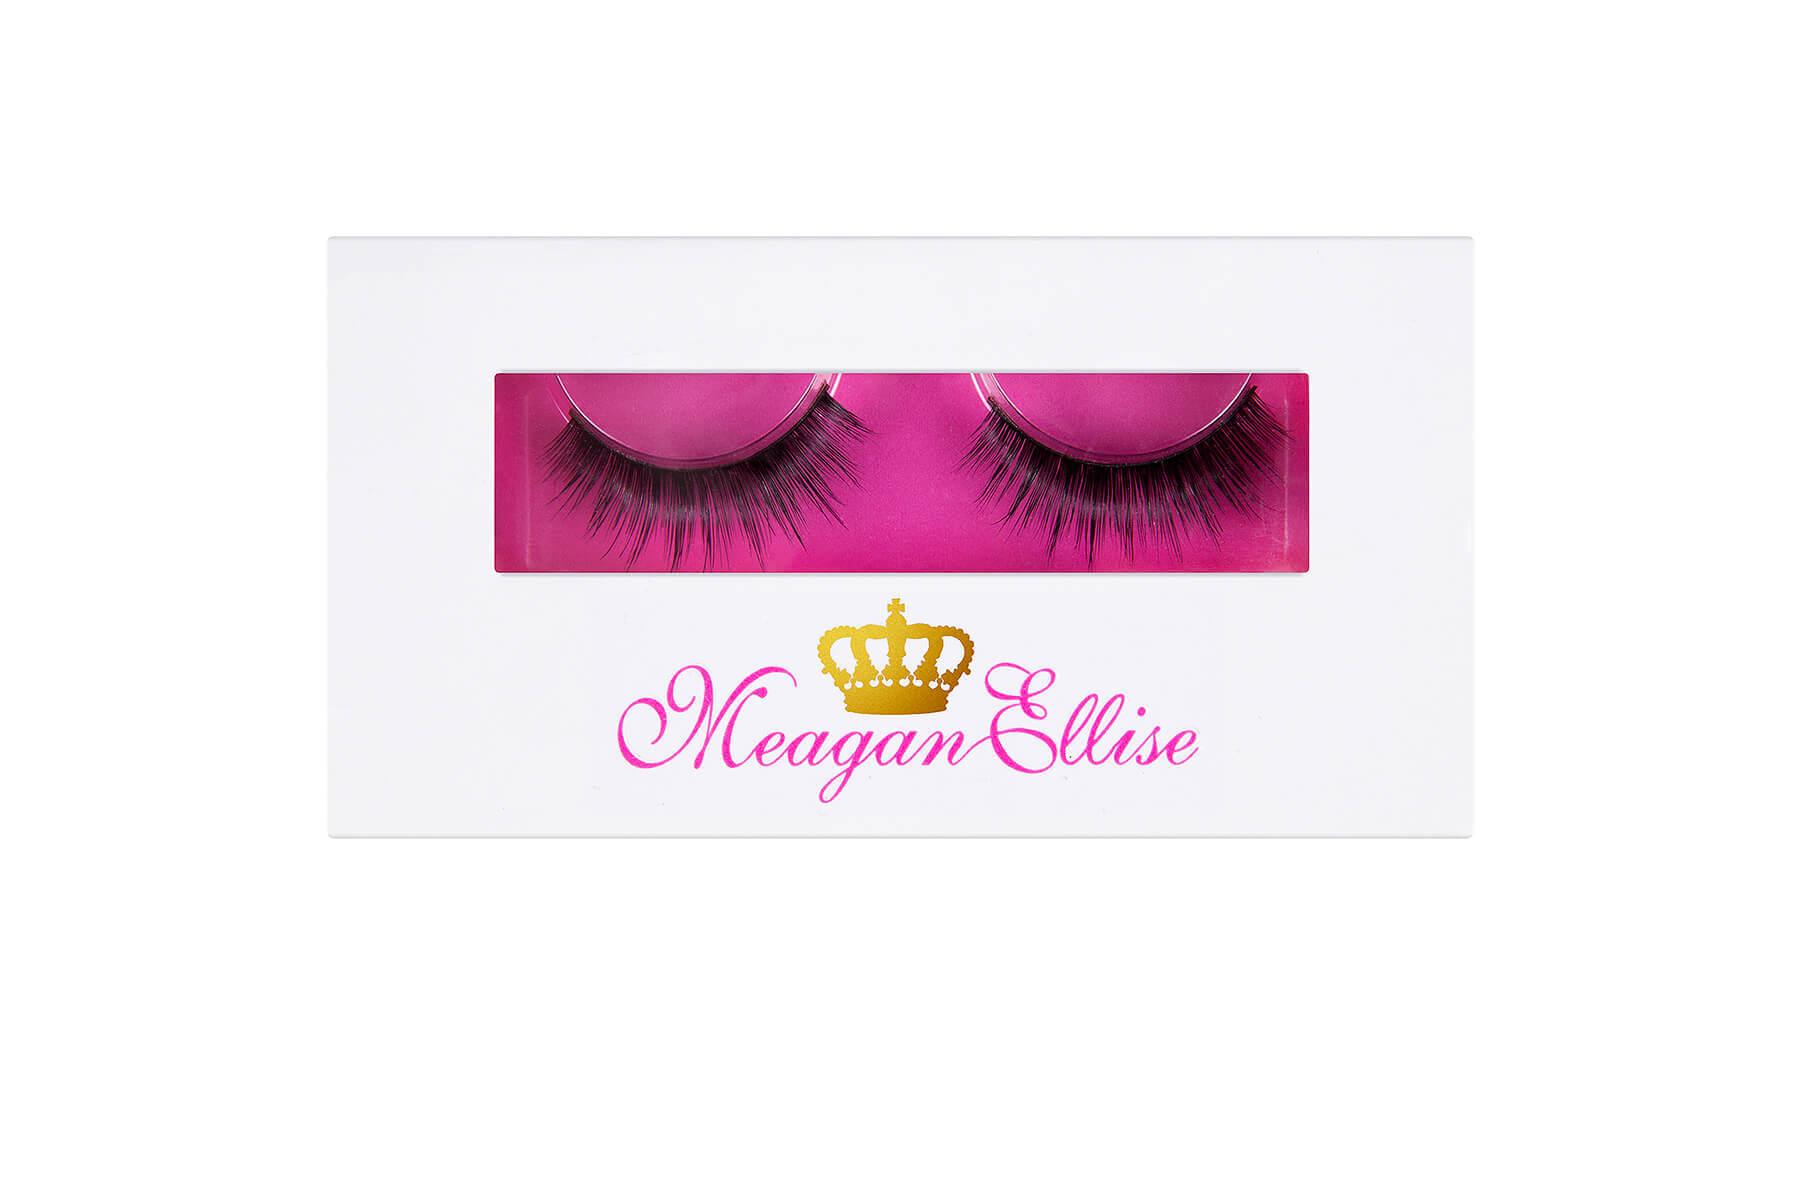 MeaganJane Mink Eyelashes